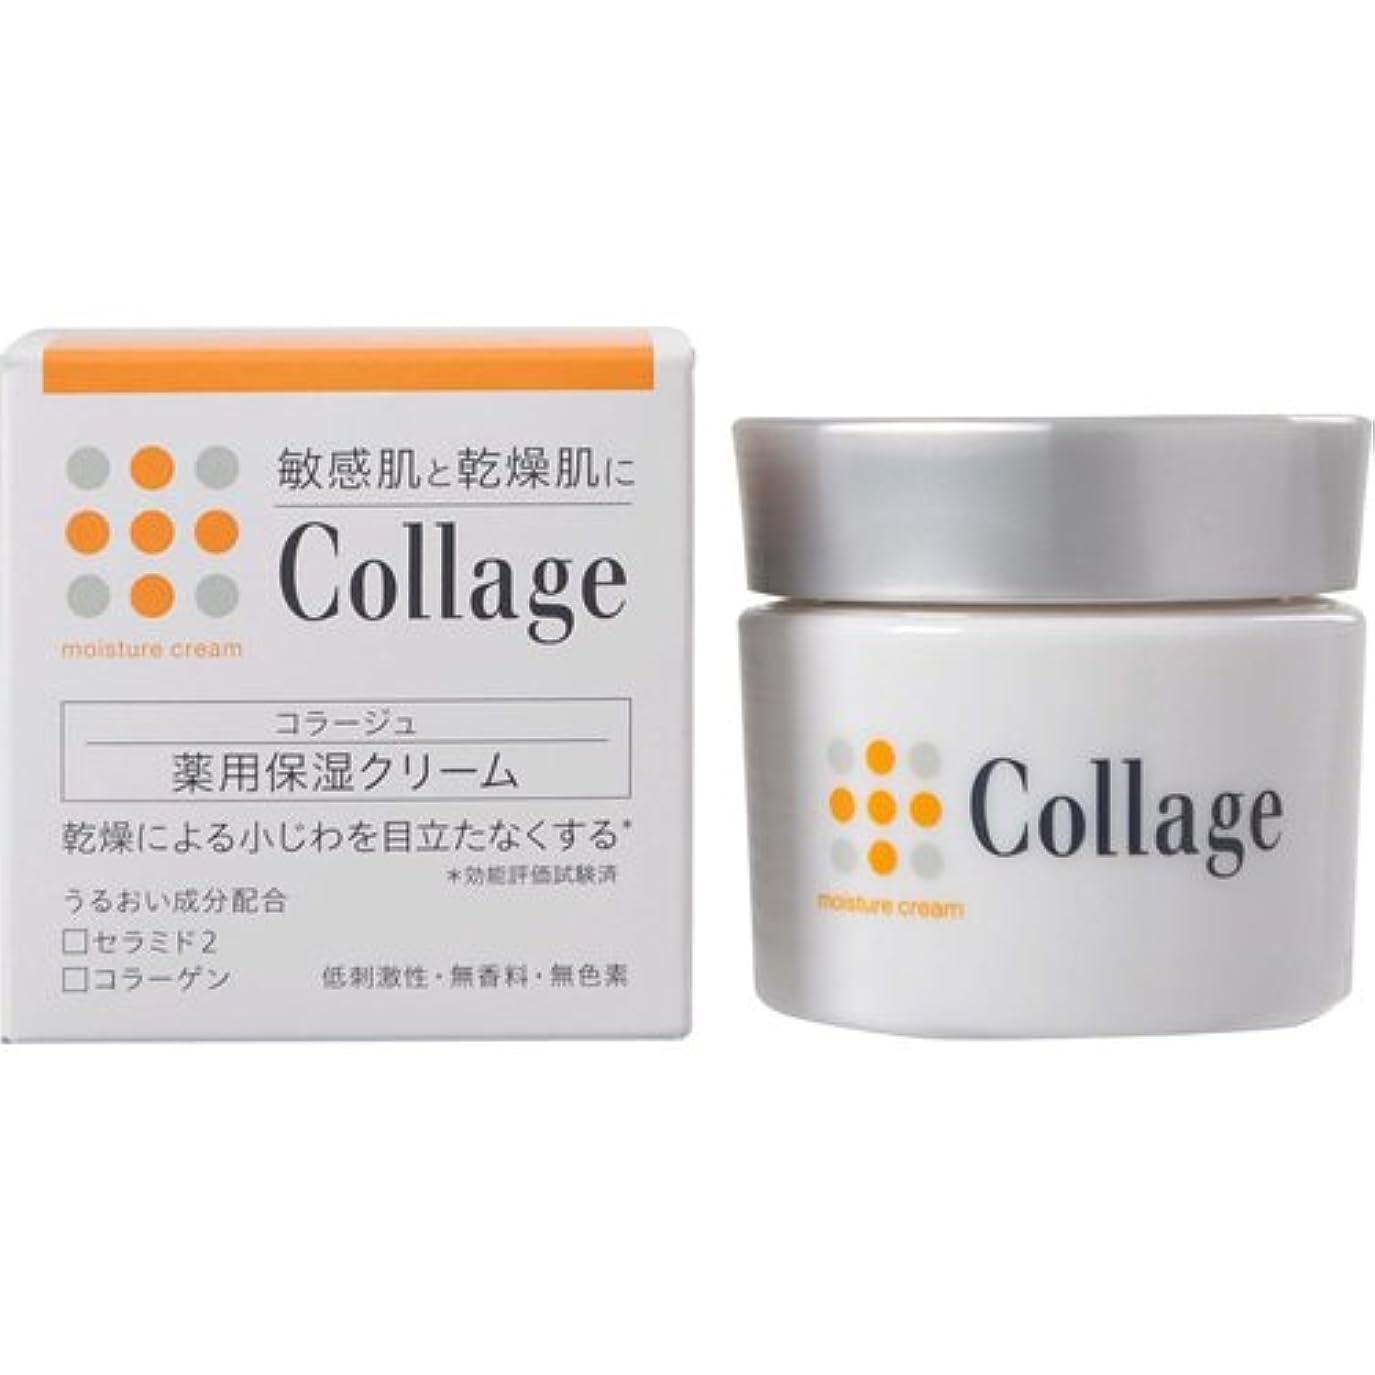 ホステス抑圧振る舞うコラージュ 薬用保湿クリーム 30g 【医薬部外品】